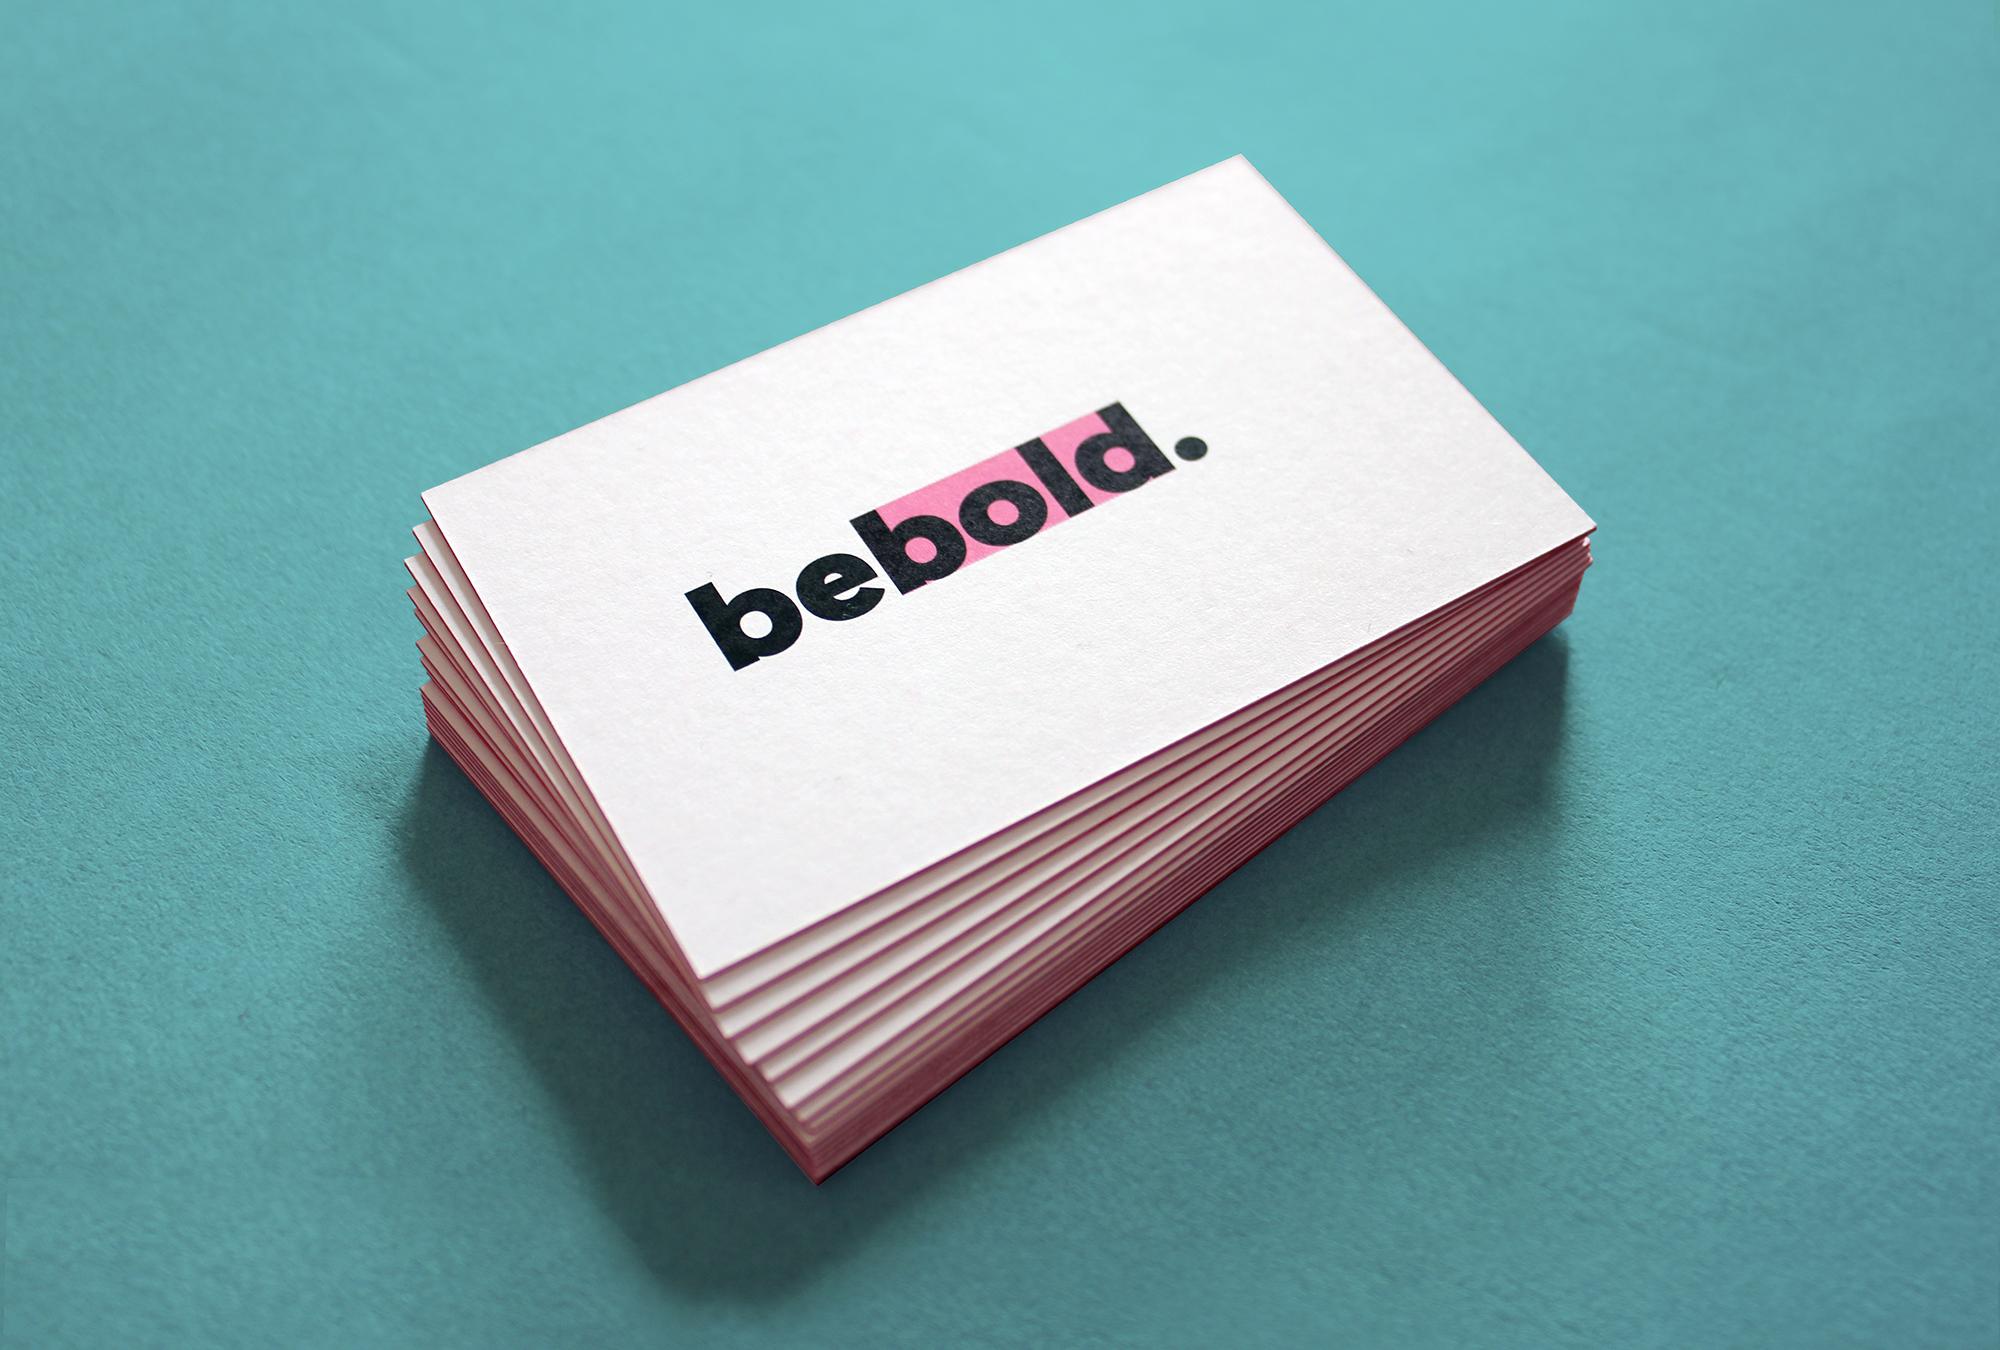 BeBold_BusinessCards_Stack_4